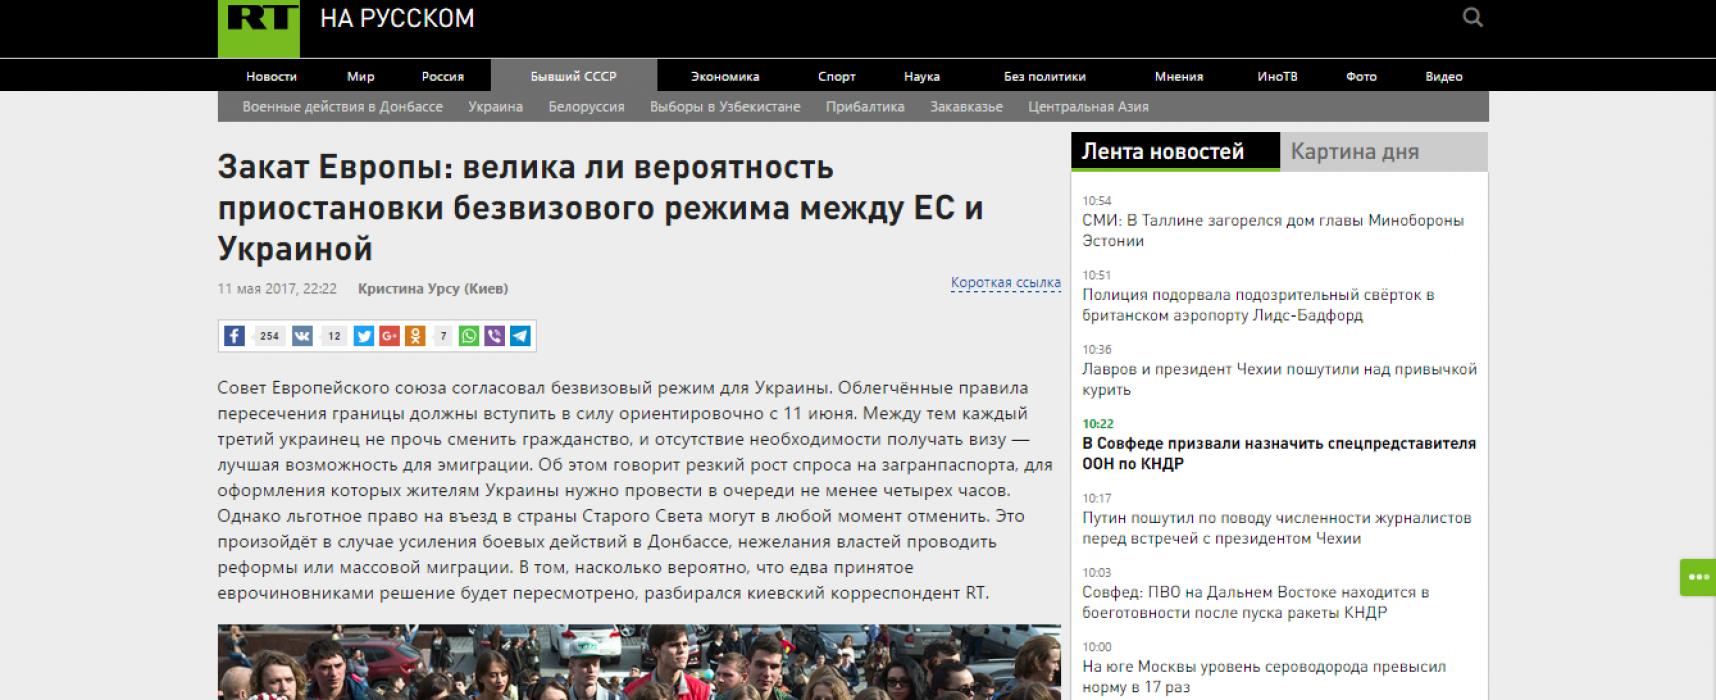 Fake: L'UE pourrait suspendre son régime sans visas avec l'Ukraine à cause du conflit dans le Donbass